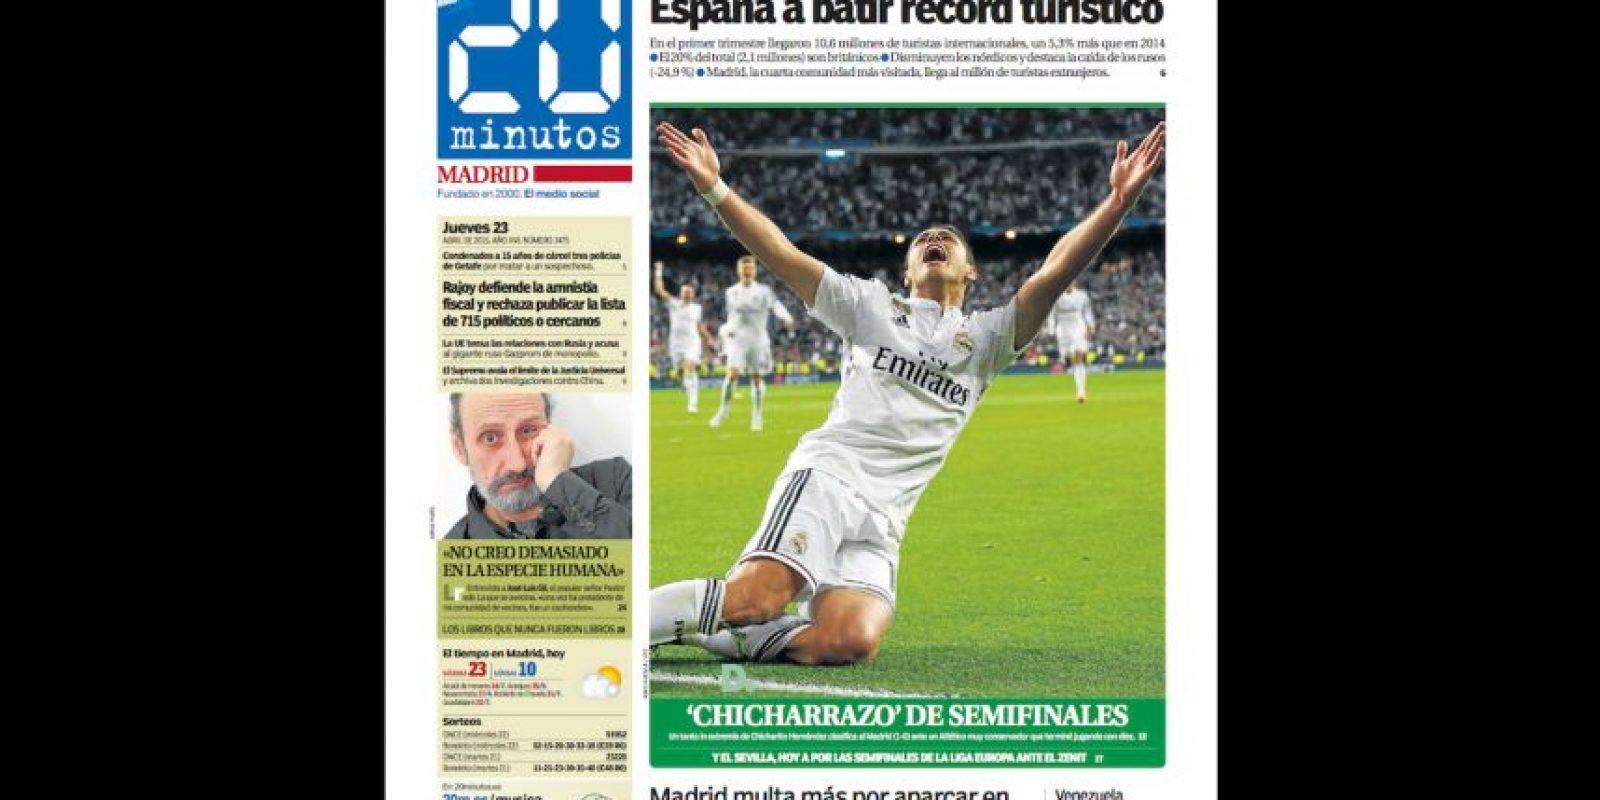 """""""Chicharrazo de semifinales"""" fue la cabeza de """"20 minutos"""" para el triunfo de los Merengues. Foto:20minutos.es"""